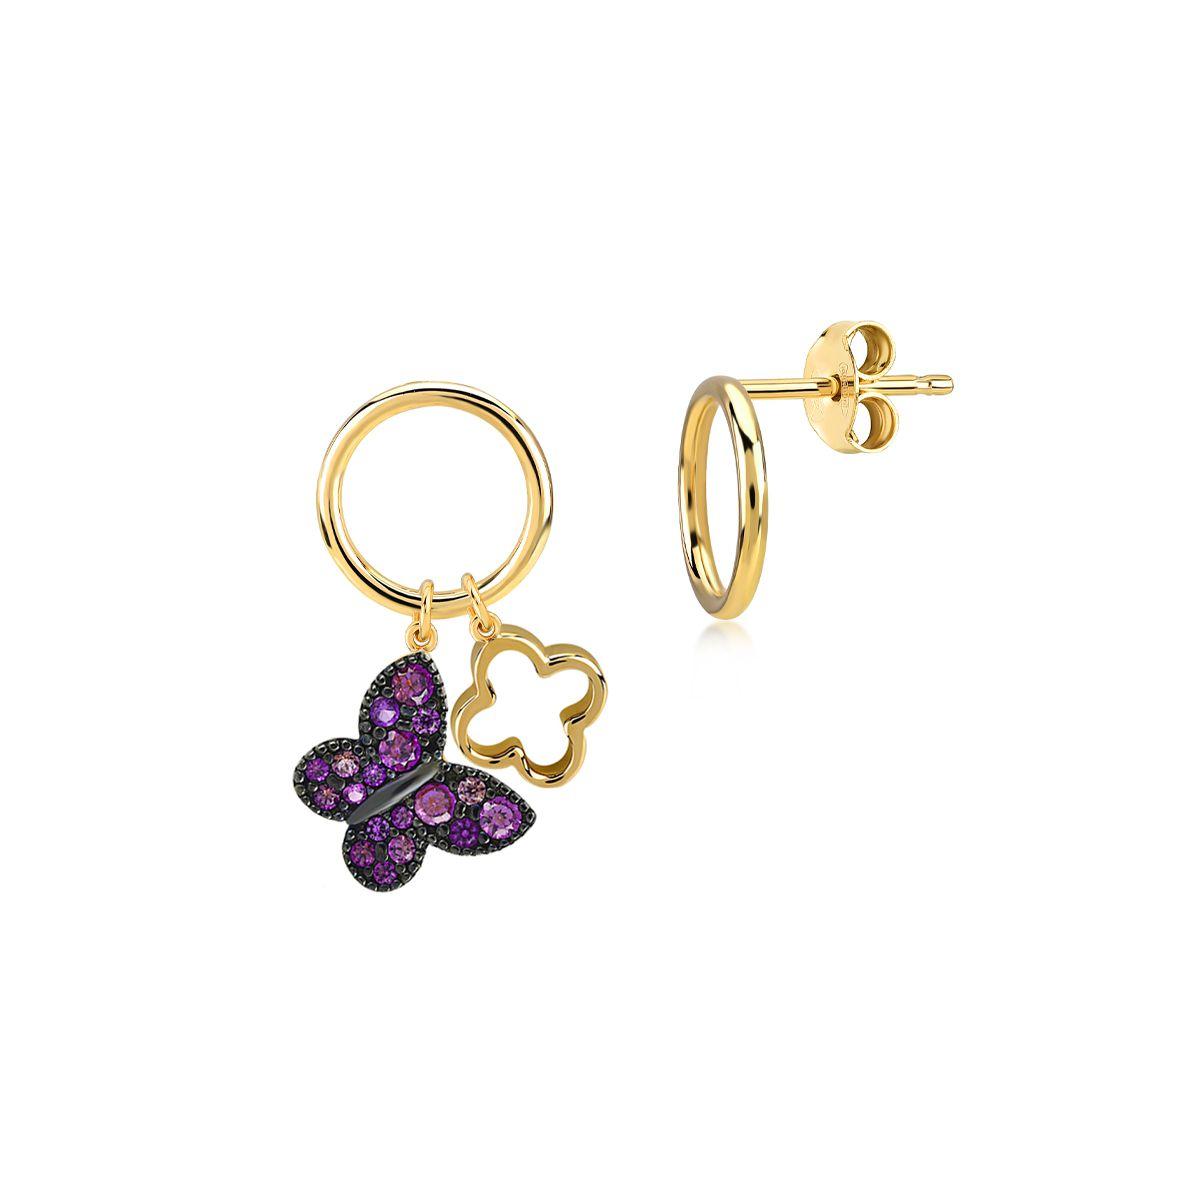 Gipsy secret garden asimmetric, sterling silver earrings Gold Kurshuni